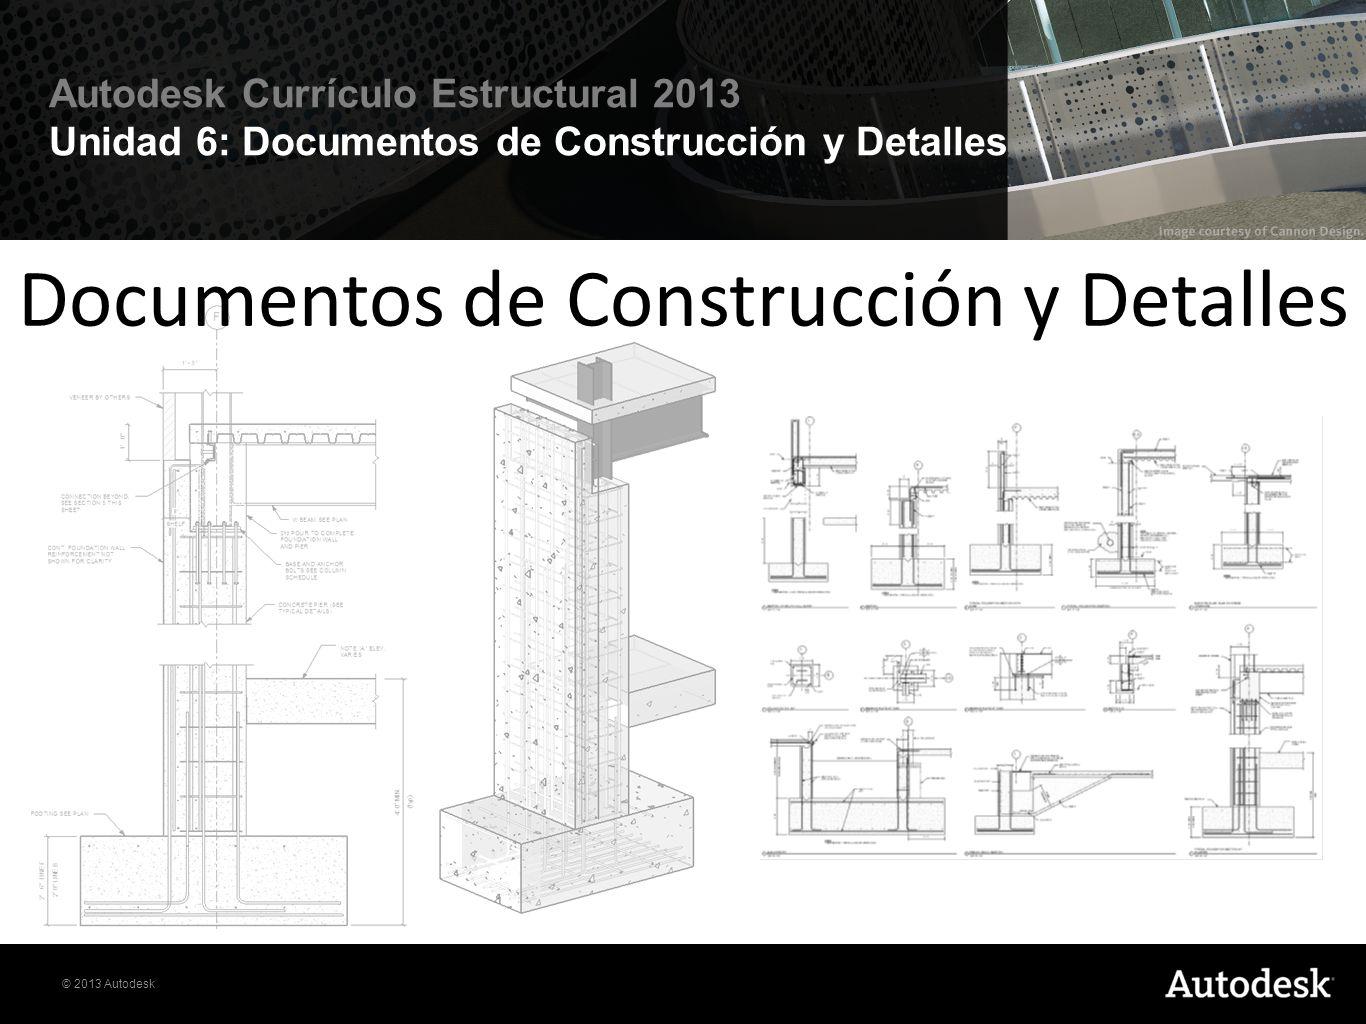 © 2013 Autodesk Autodesk Currículo Estructural 2013 Unidad 6: Documentos de Construcción y Detalles Introducción En esta lección se ofrece una visión general de las poderosas funciones de documentación de el software Autodesk ® Revit Structure ®.